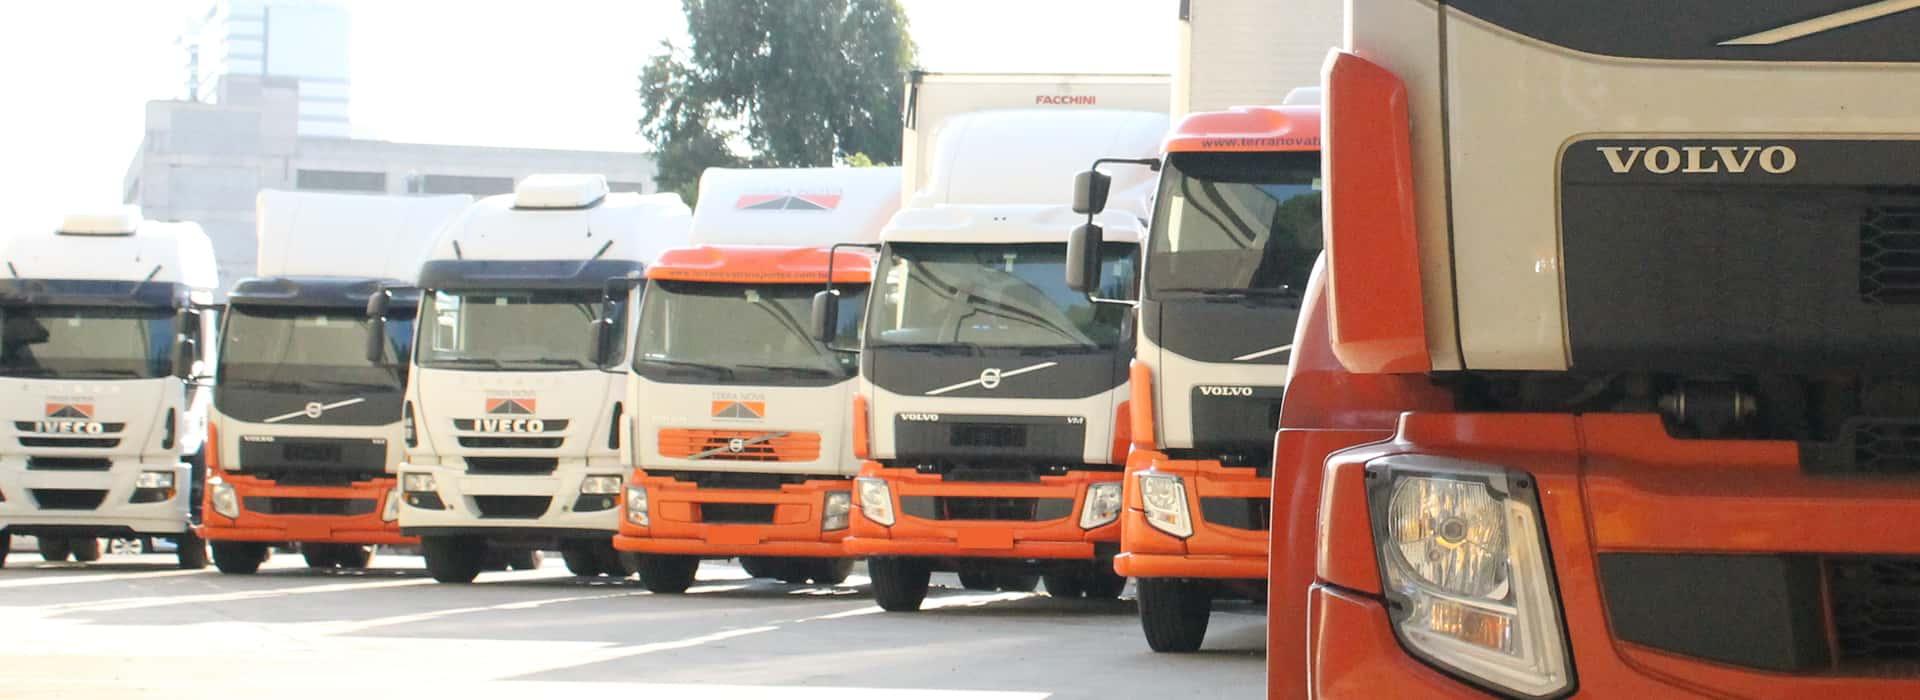 frota de veículos caminhão para transporte de carga terra nova logistica